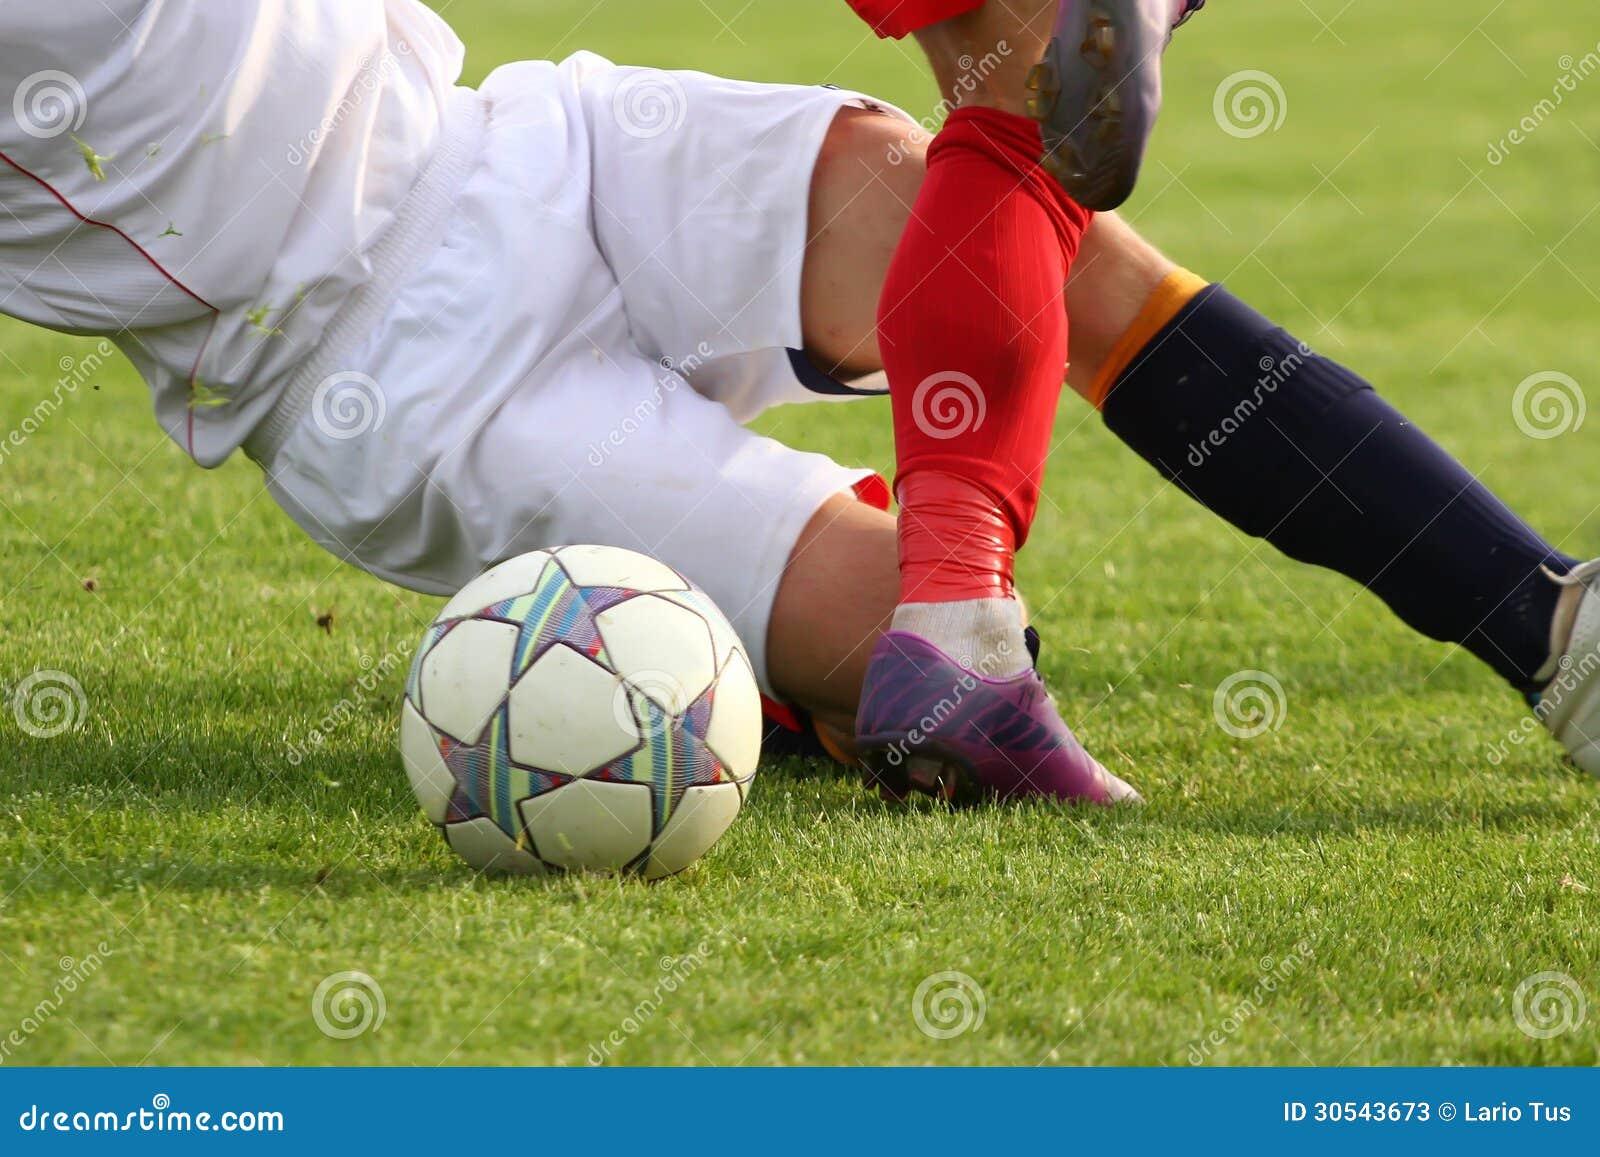 Jugadores de fútbol en duelo